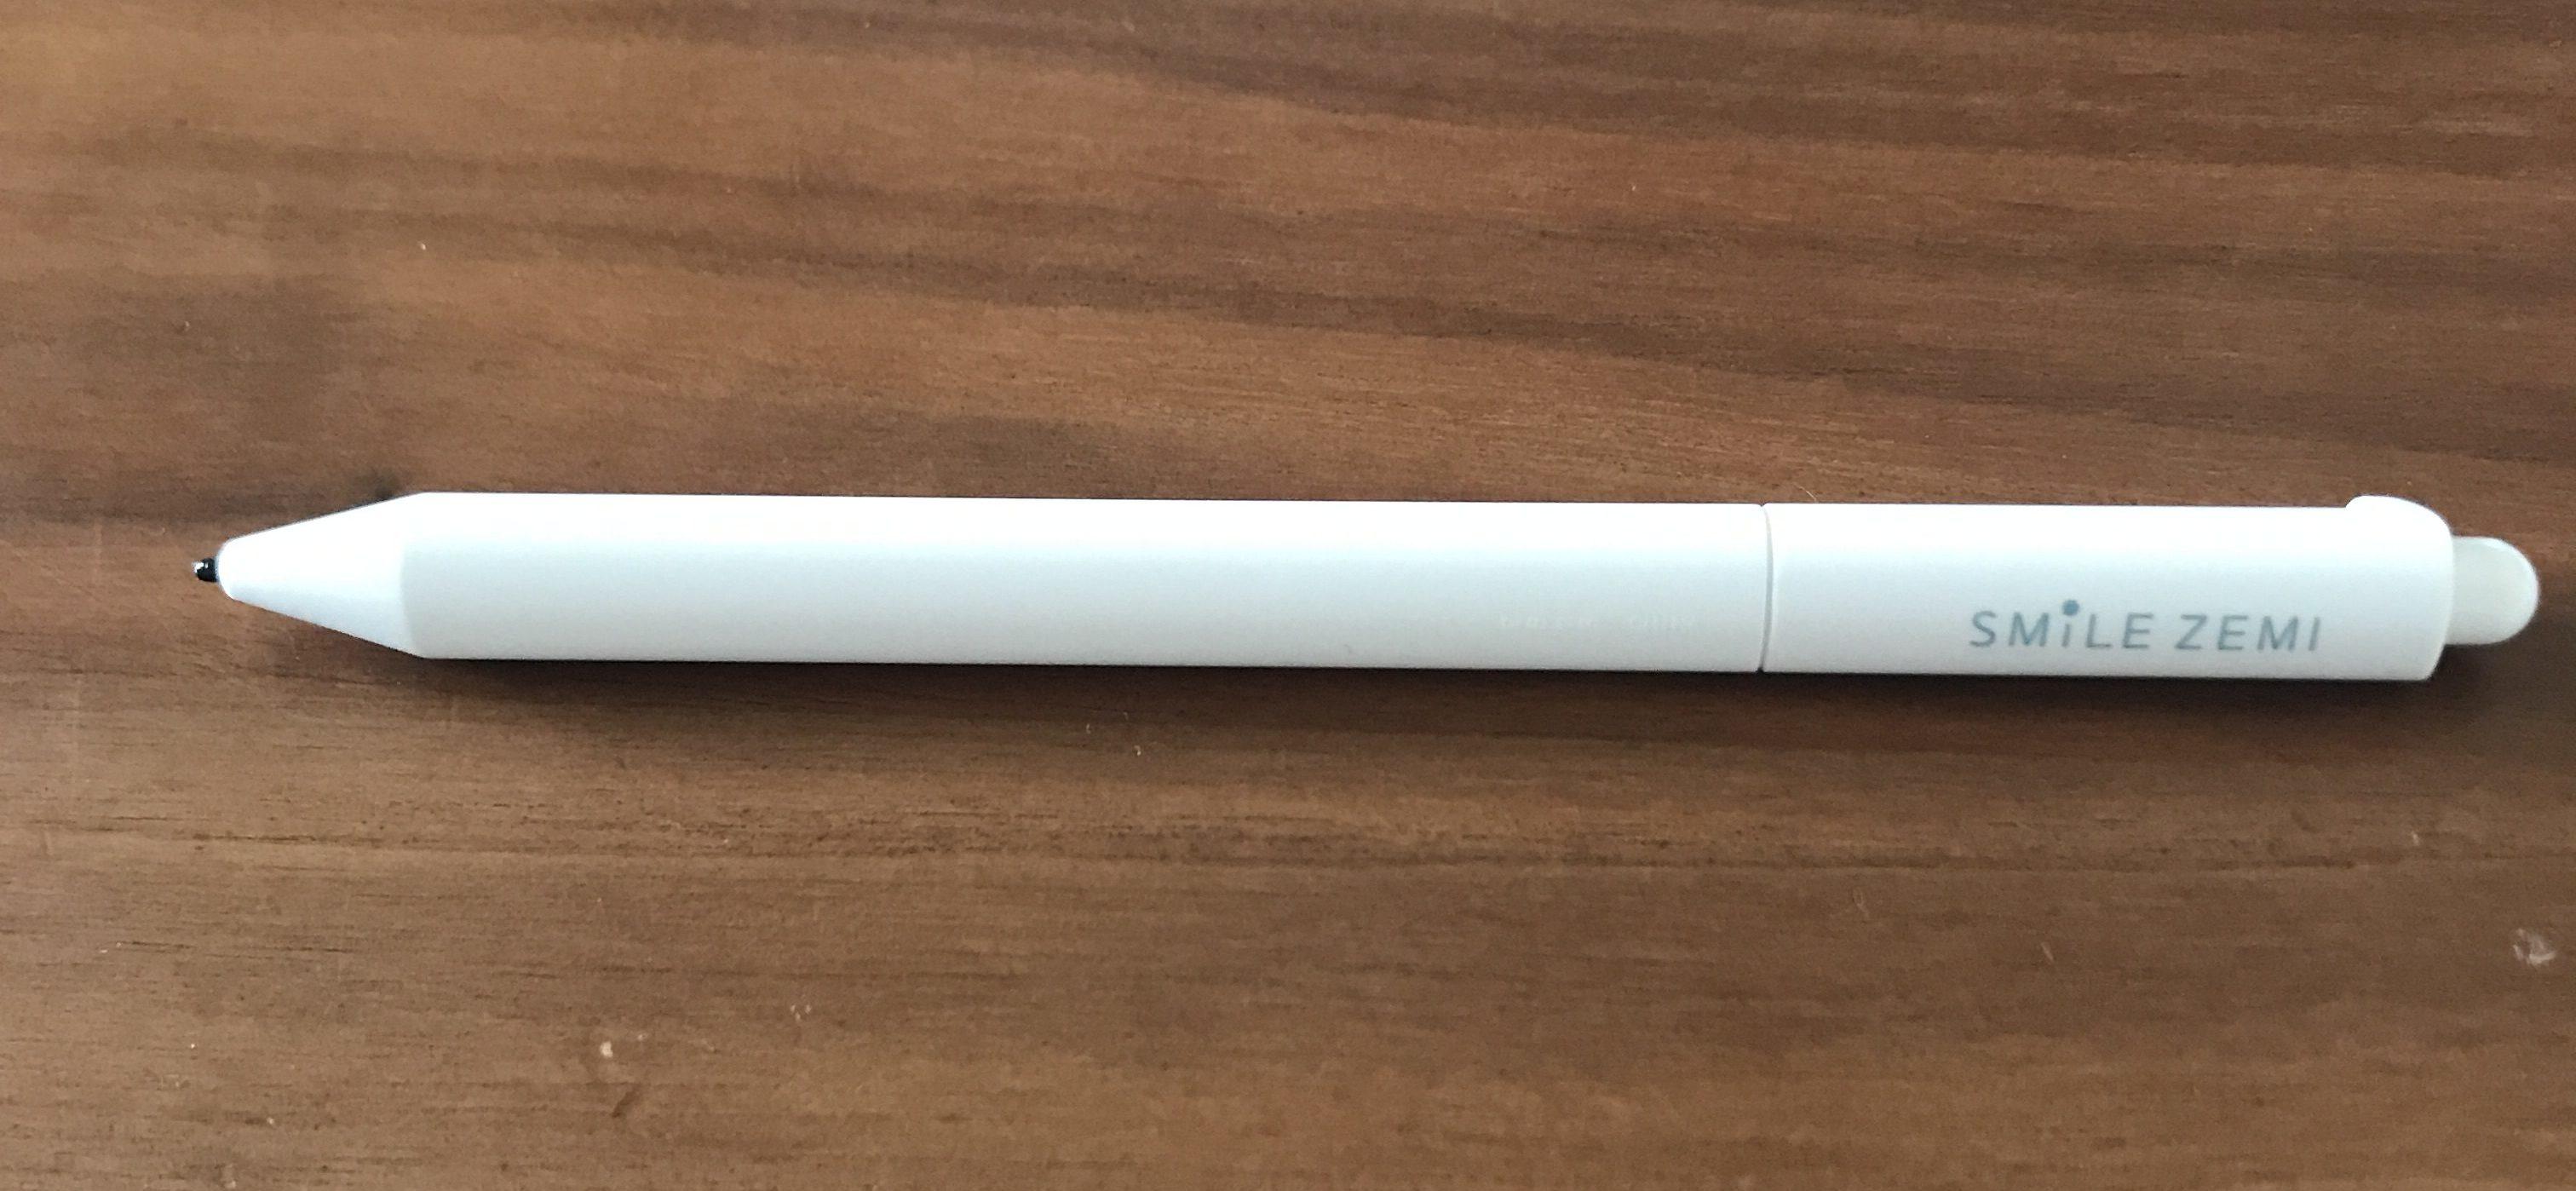 スマイルゼミ タッチペン デジタイザーペン